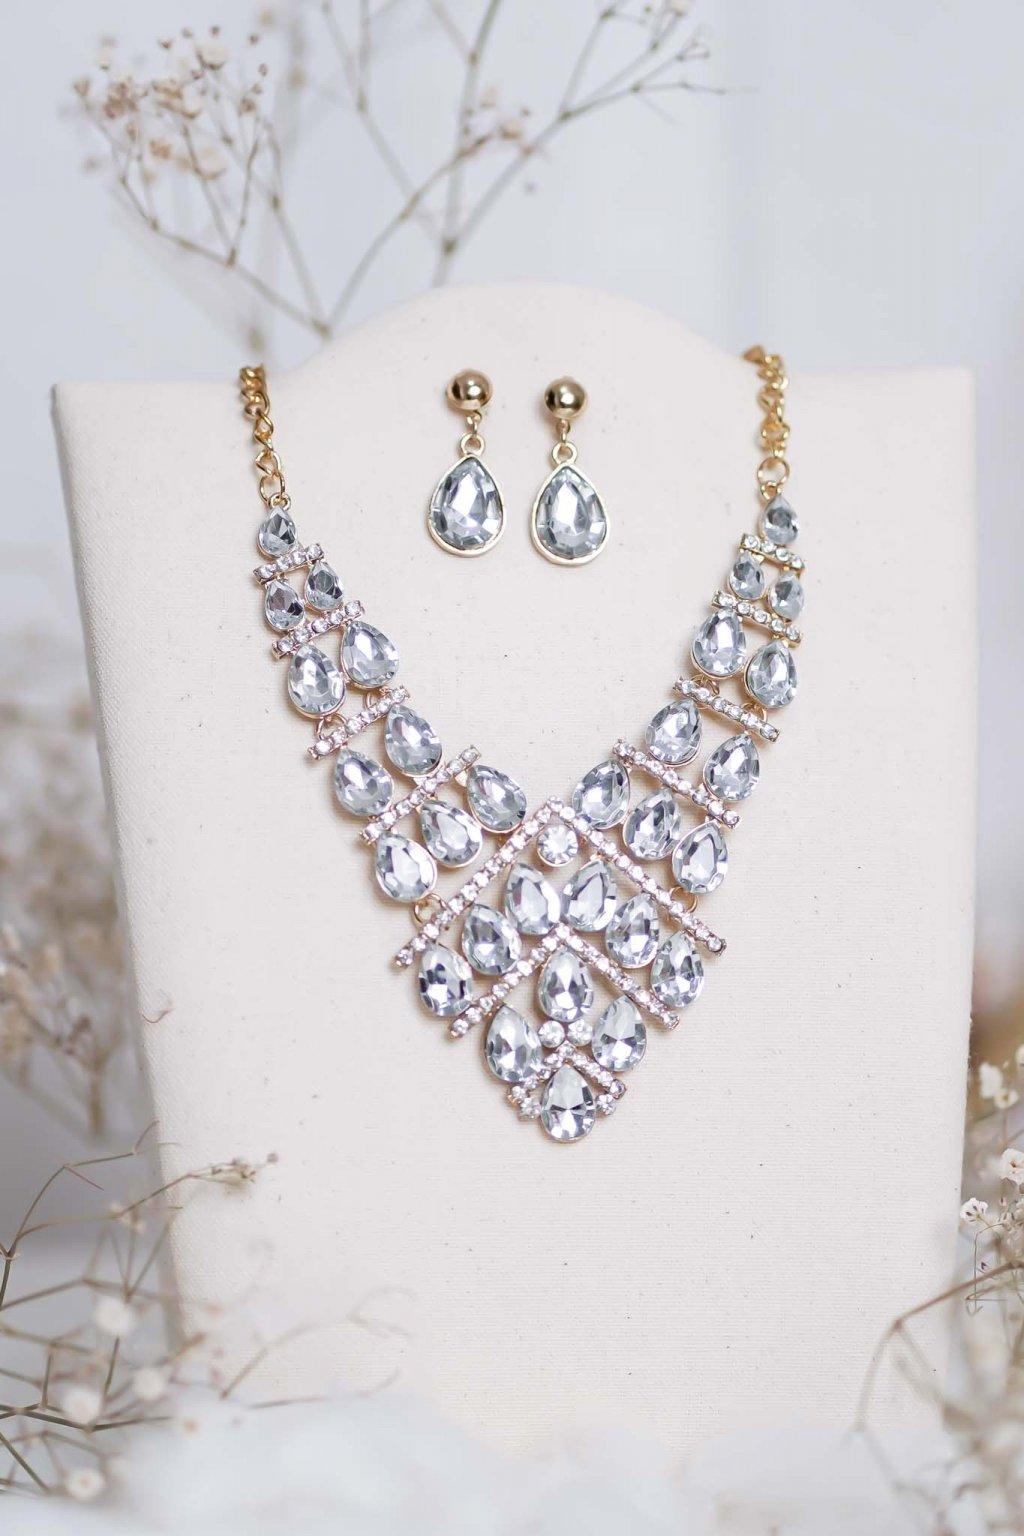 náhrdelník, spoločenský, bežný deň, kamienkový, farebný, čierny, strieborný, zelený, cyklamenévy, náhrdelník, bižuteria, šperk, šperky, ples, stužková, svadba, 055